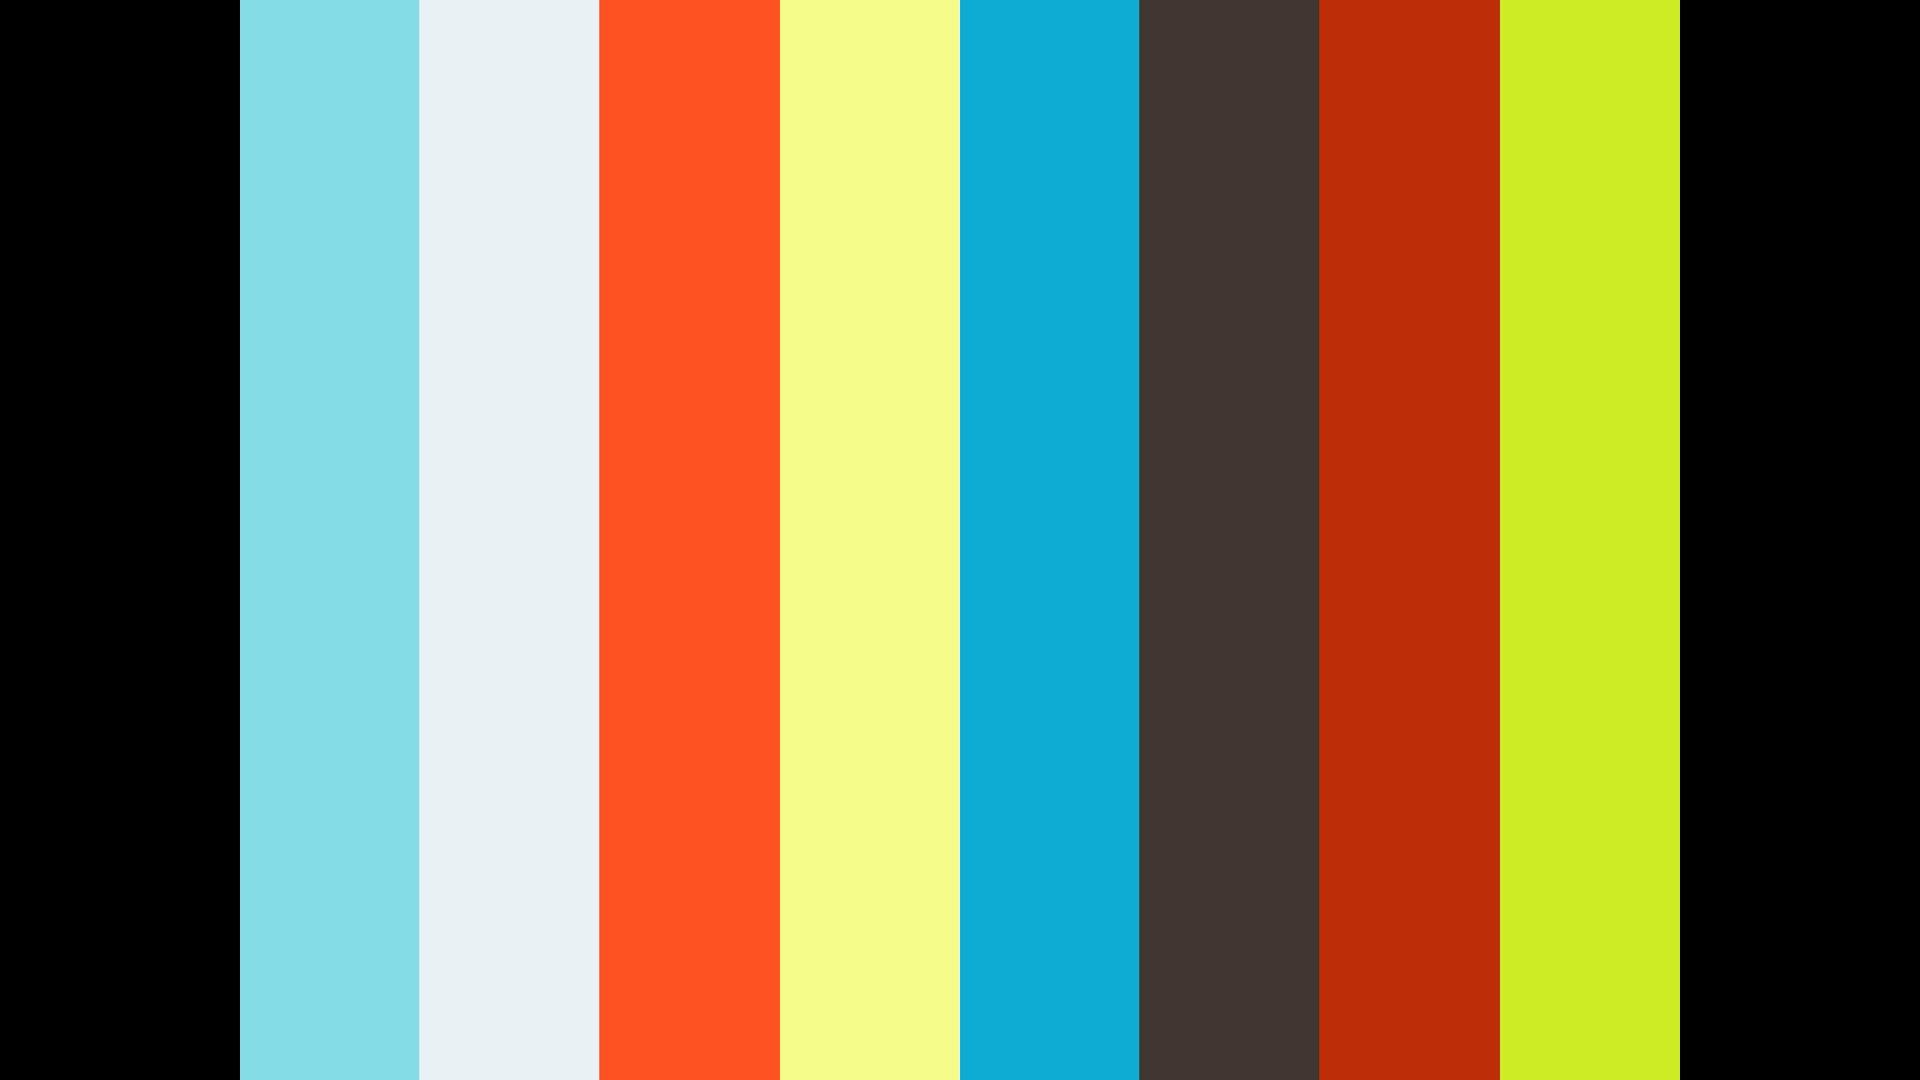 JASI-2019-PRELIM-NW Rankin MS COUGAR SHOW CHOIR